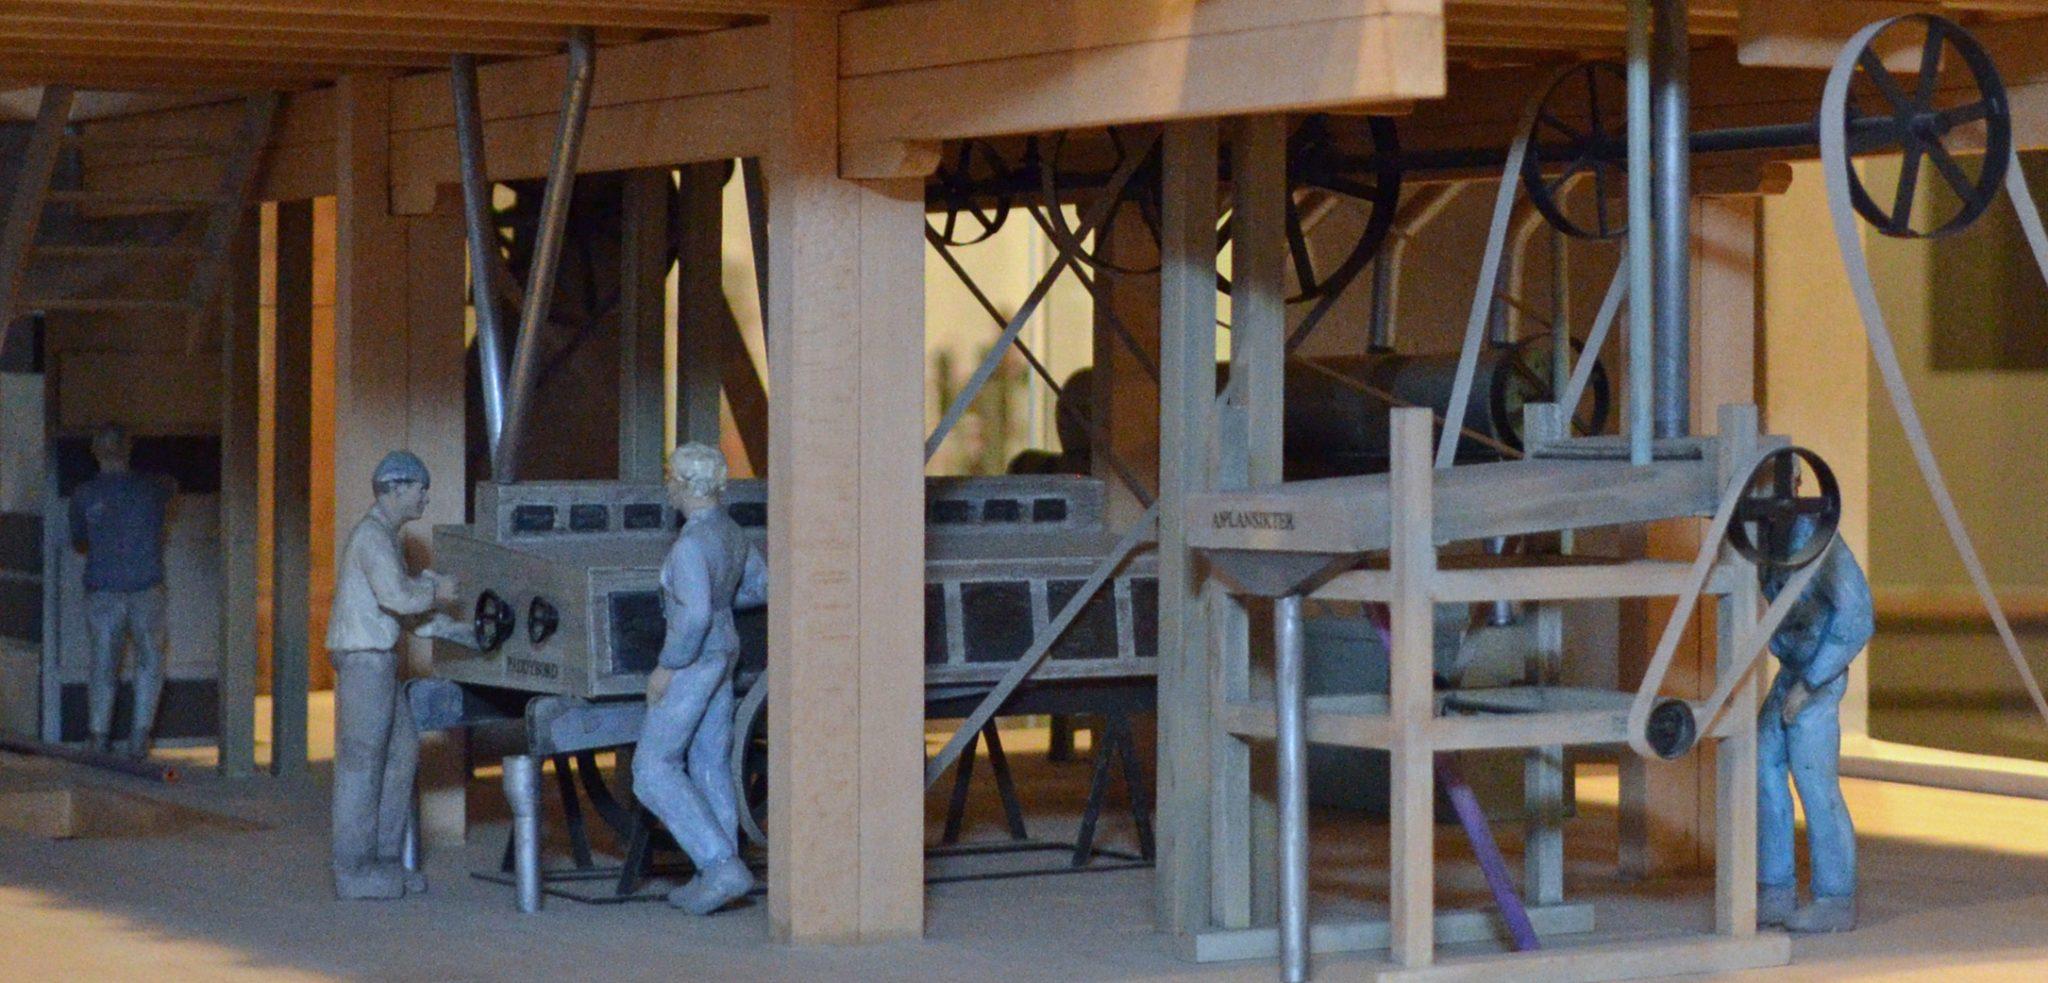 Arbeid ved plansikten og ved paddybordet i andre etasjen i mølla. Foto: Trine Gjøsund